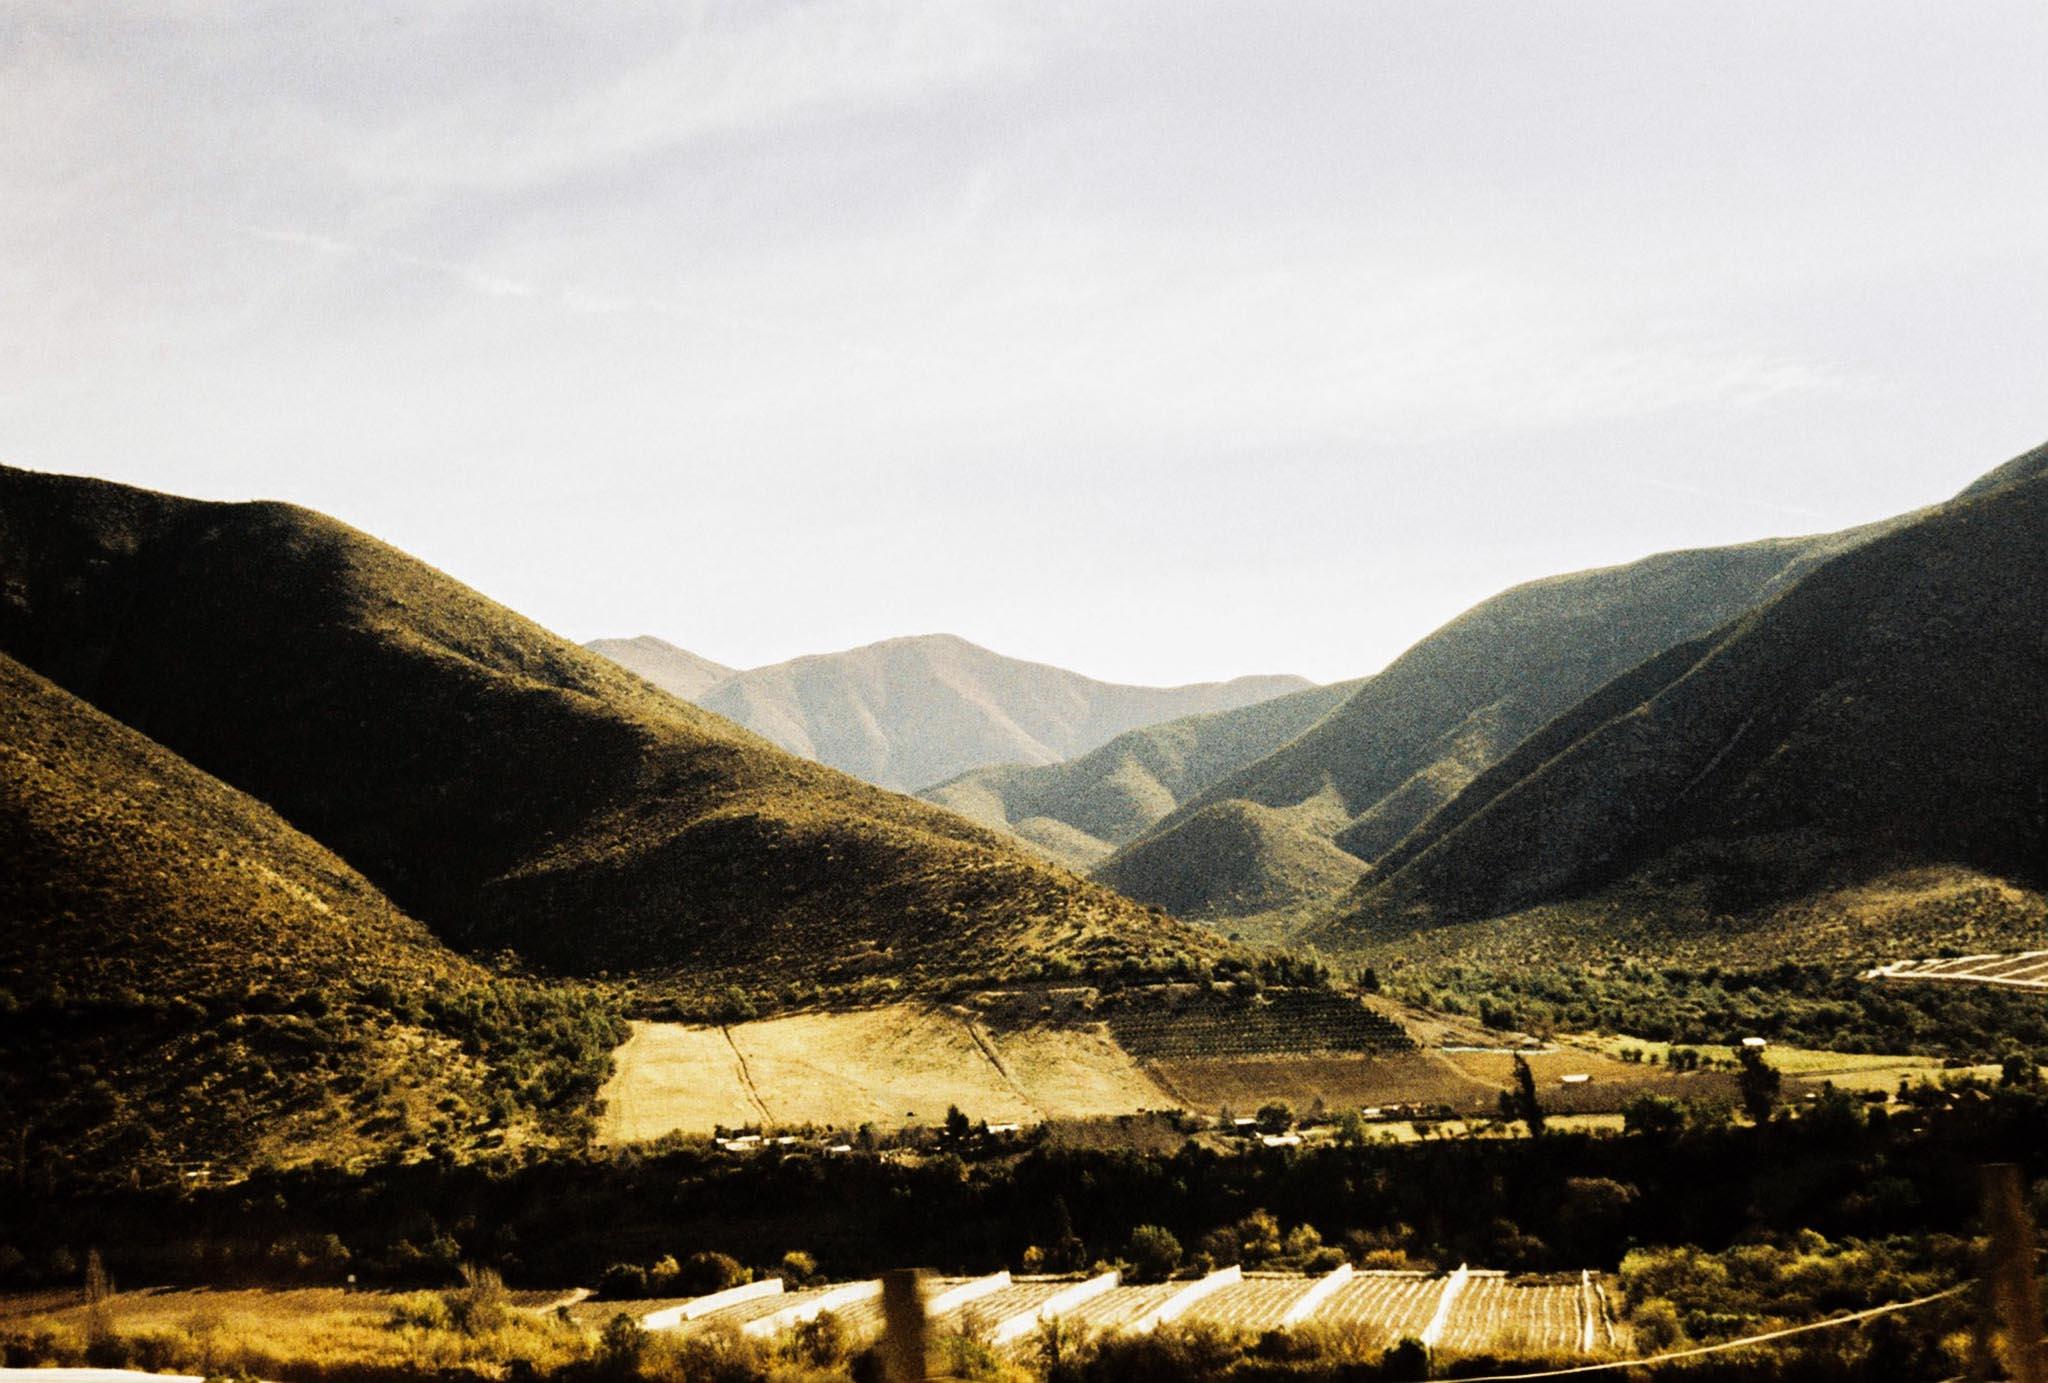 05_SL_Vuelta_Tulahuen.jpg